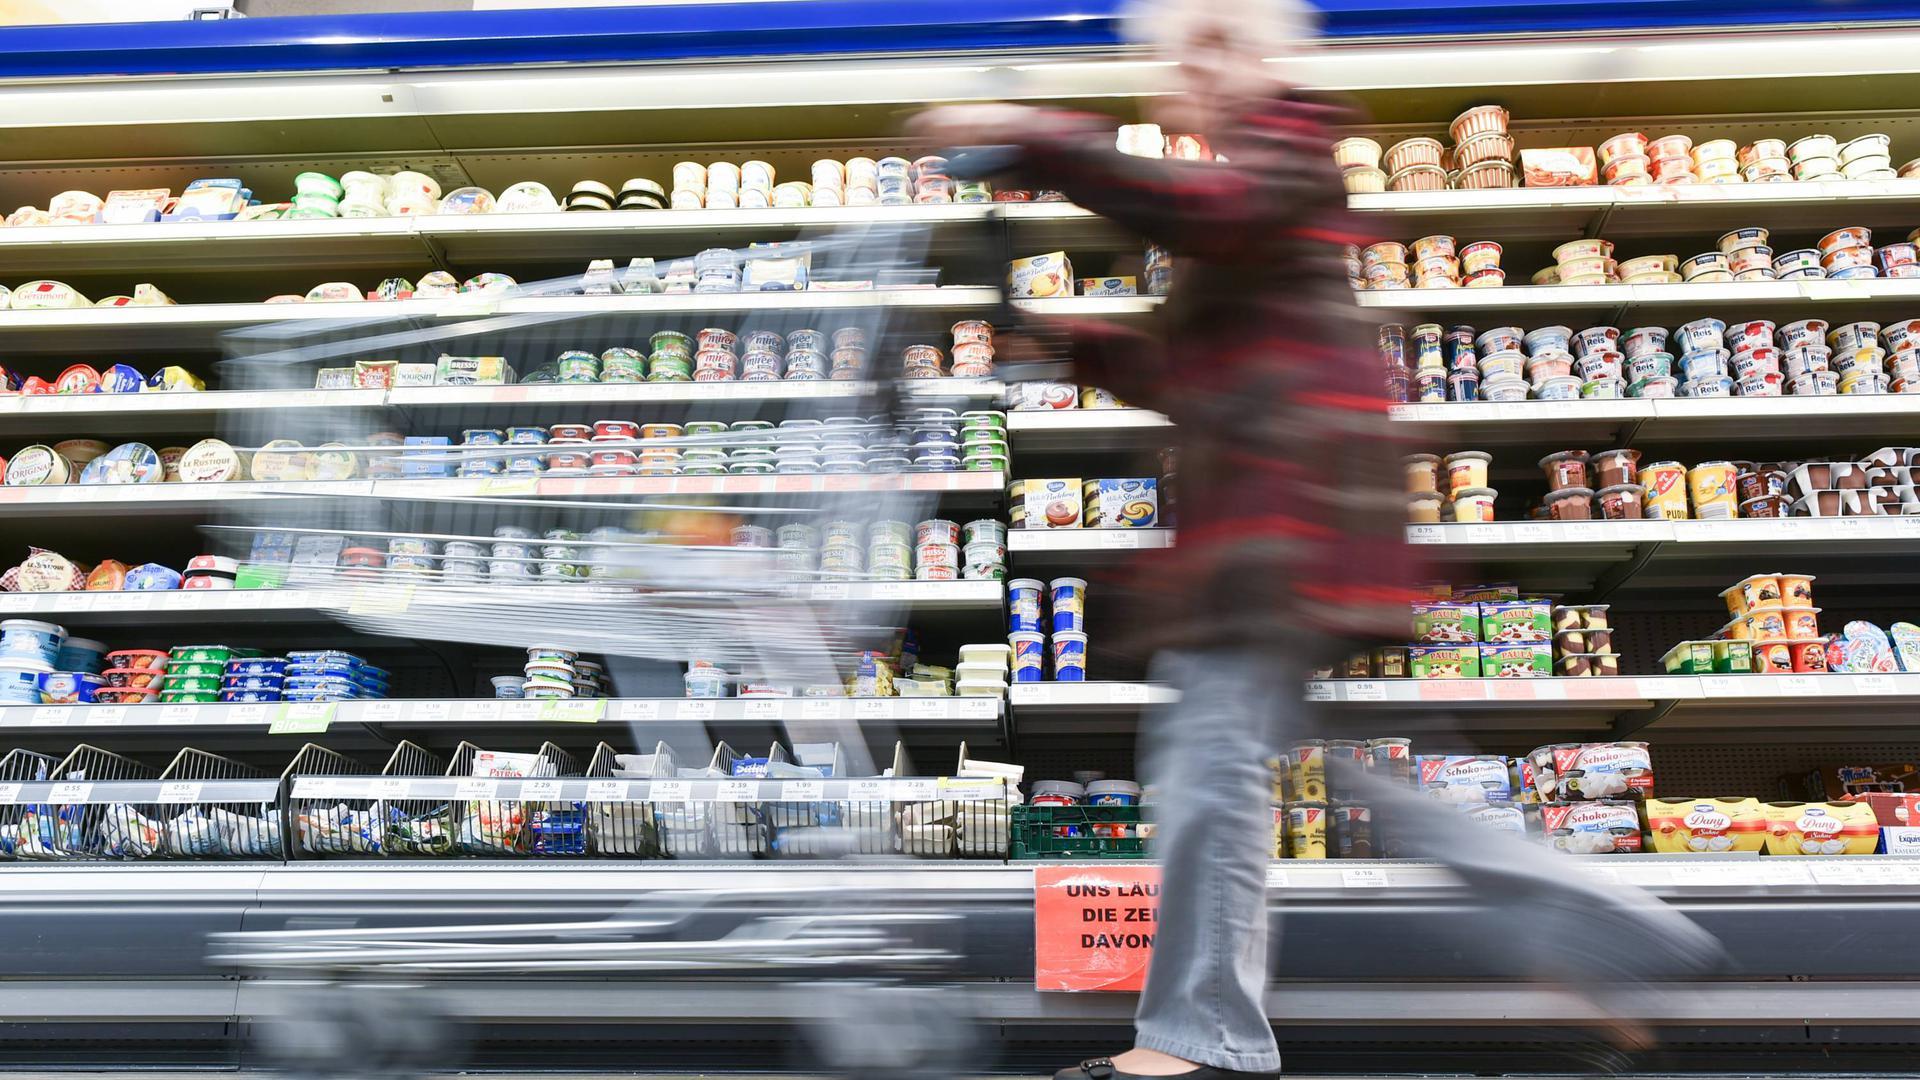 ARCHIV - 09.02.2015, Rheinland-Pfalz, Haßloch: Eine Kundin geht in einem Supermarkt mit ihrem Einkaufswagen an einem Kühlregal vorbei. (zu dpa «Vom Grießbrei bis zu Geschirrspültabs: Viel Ärger mit Verpackungen» vom 17.01.2019) Foto: Uwe Anspach/dpa +++ dpa-Bildfunk +++   Verwendung weltweit